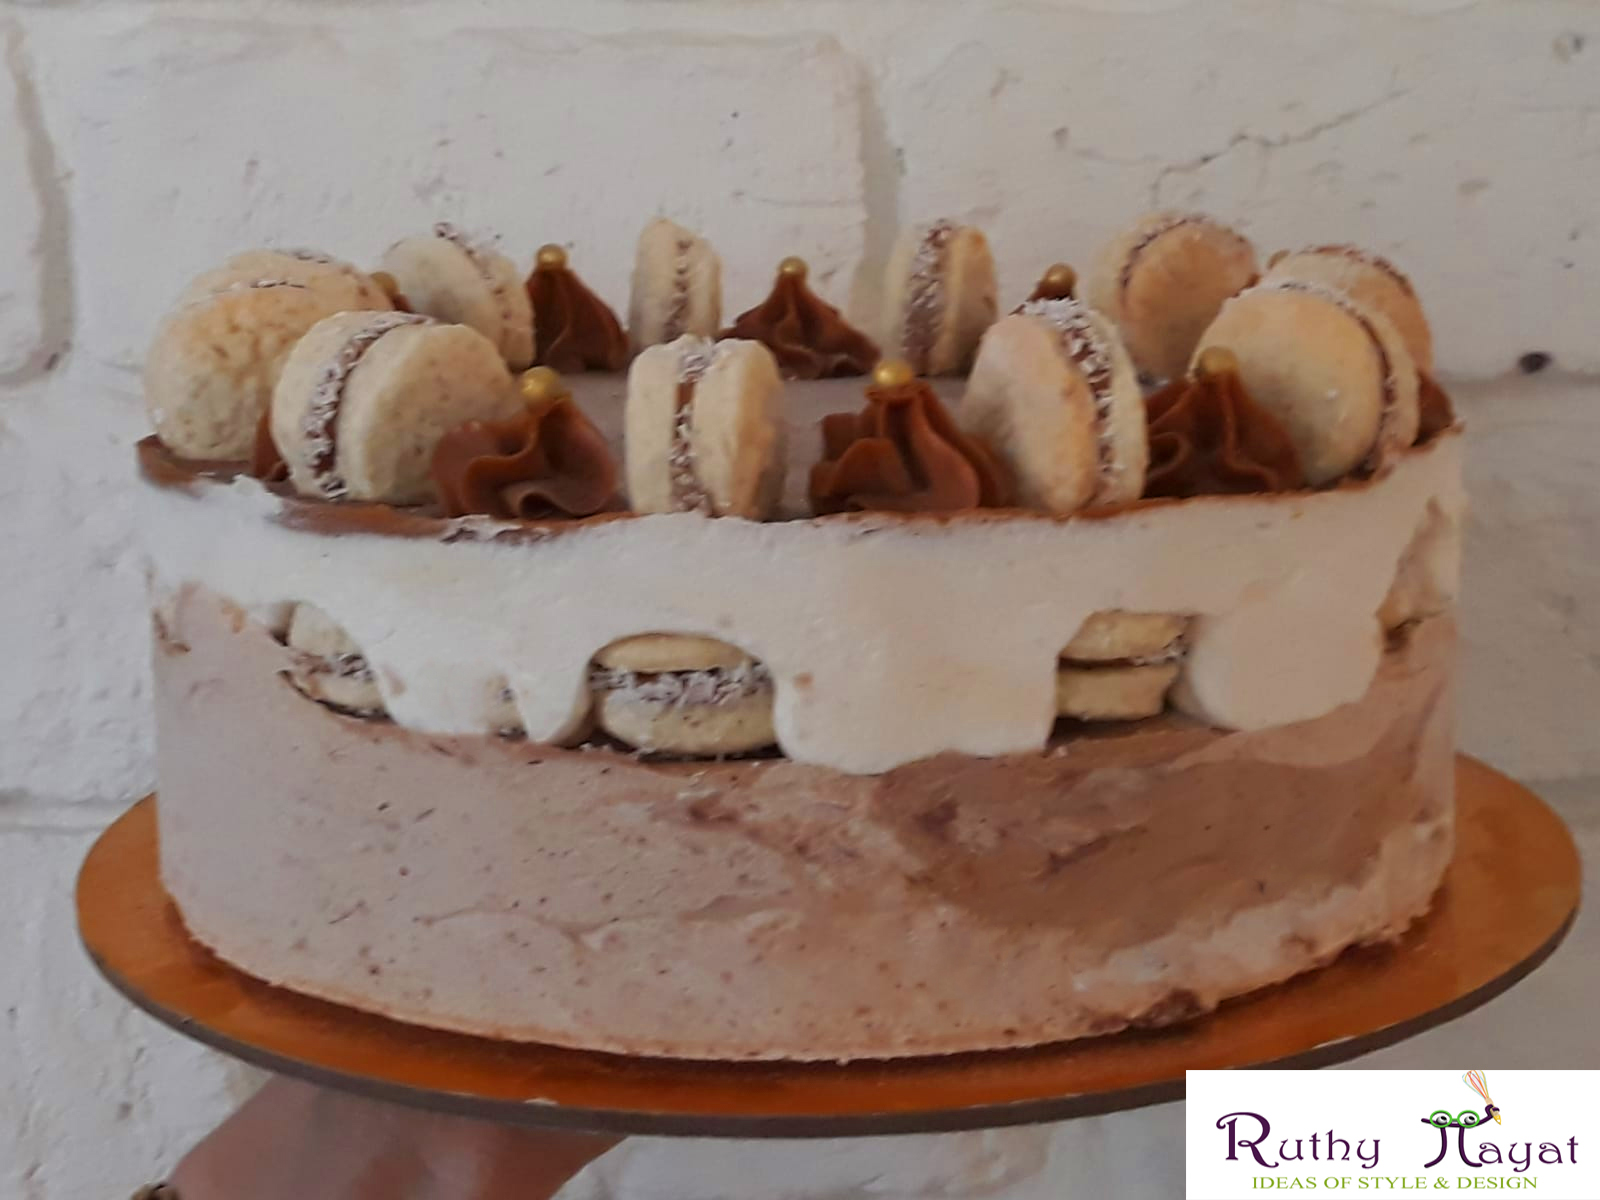 Untitled 1 - עוגת מוס אלפחורס פרווה